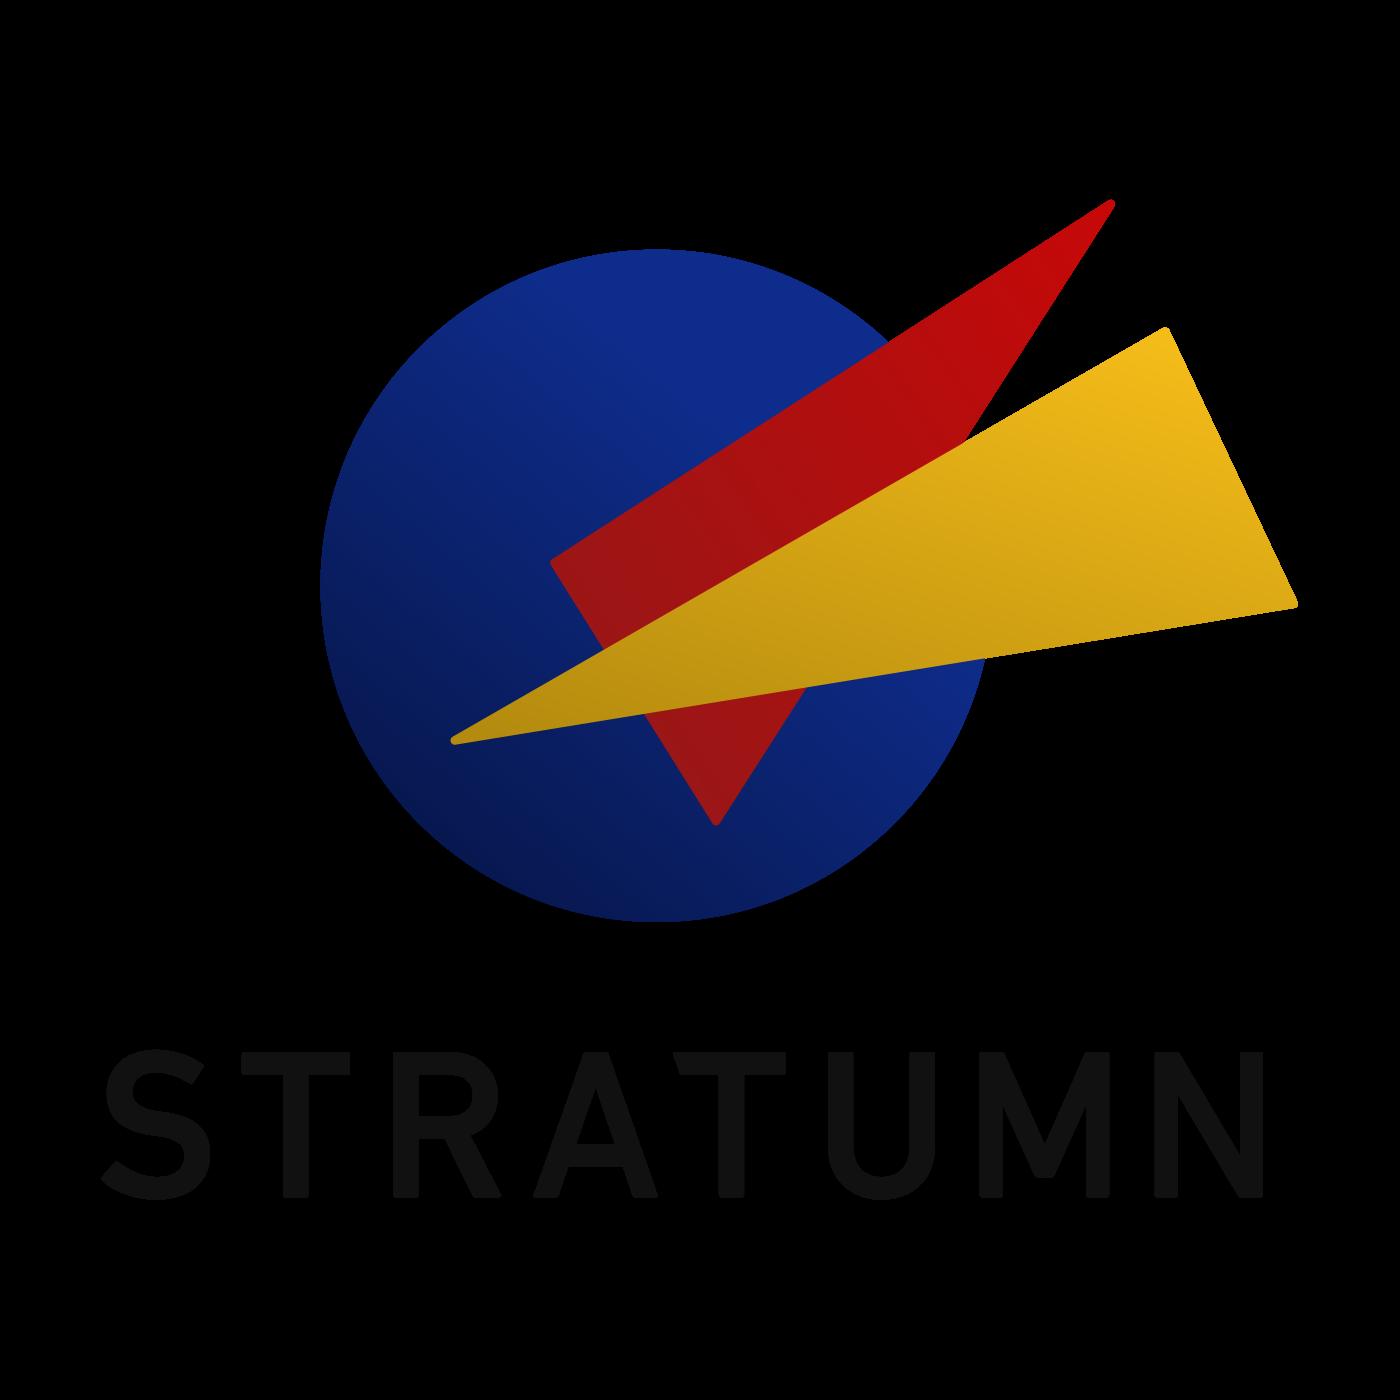 Stratumn company logo